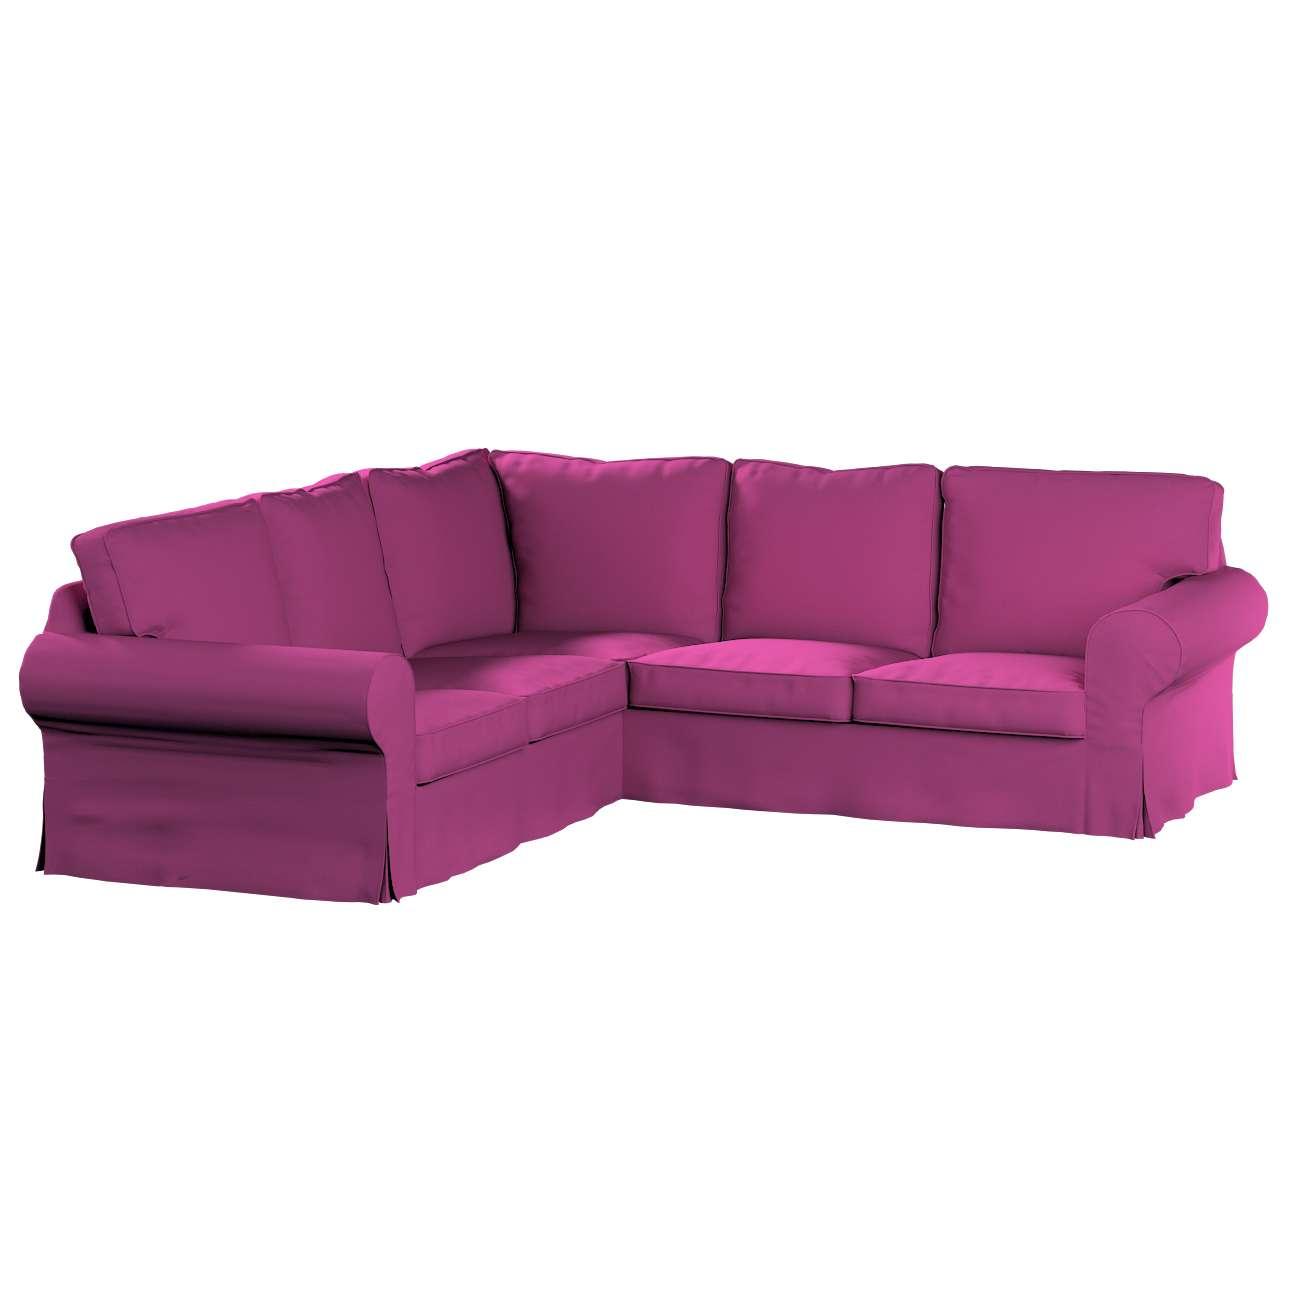 Ektorp kampinė sofa Ektorp kampinė sofa kolekcijoje Etna , audinys: 705-23